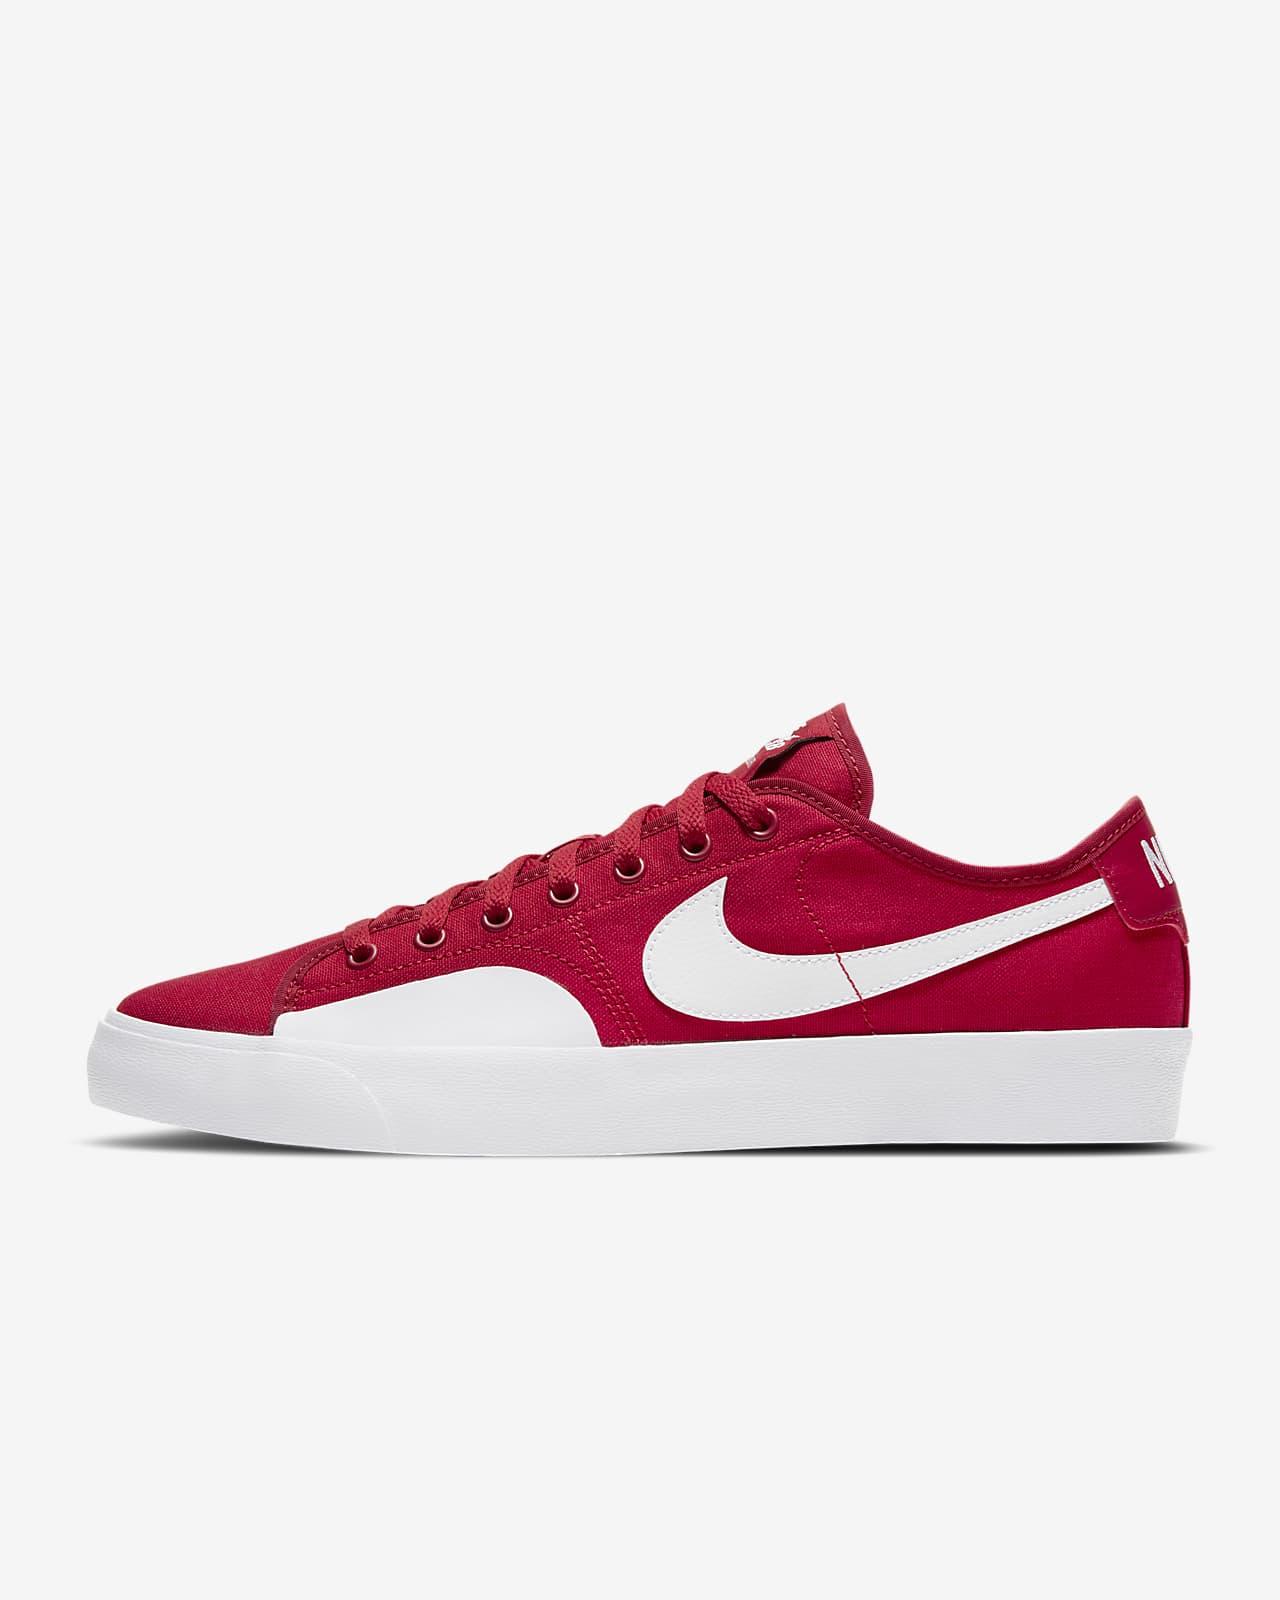 Nike SB BLZR Court Skate Shoe